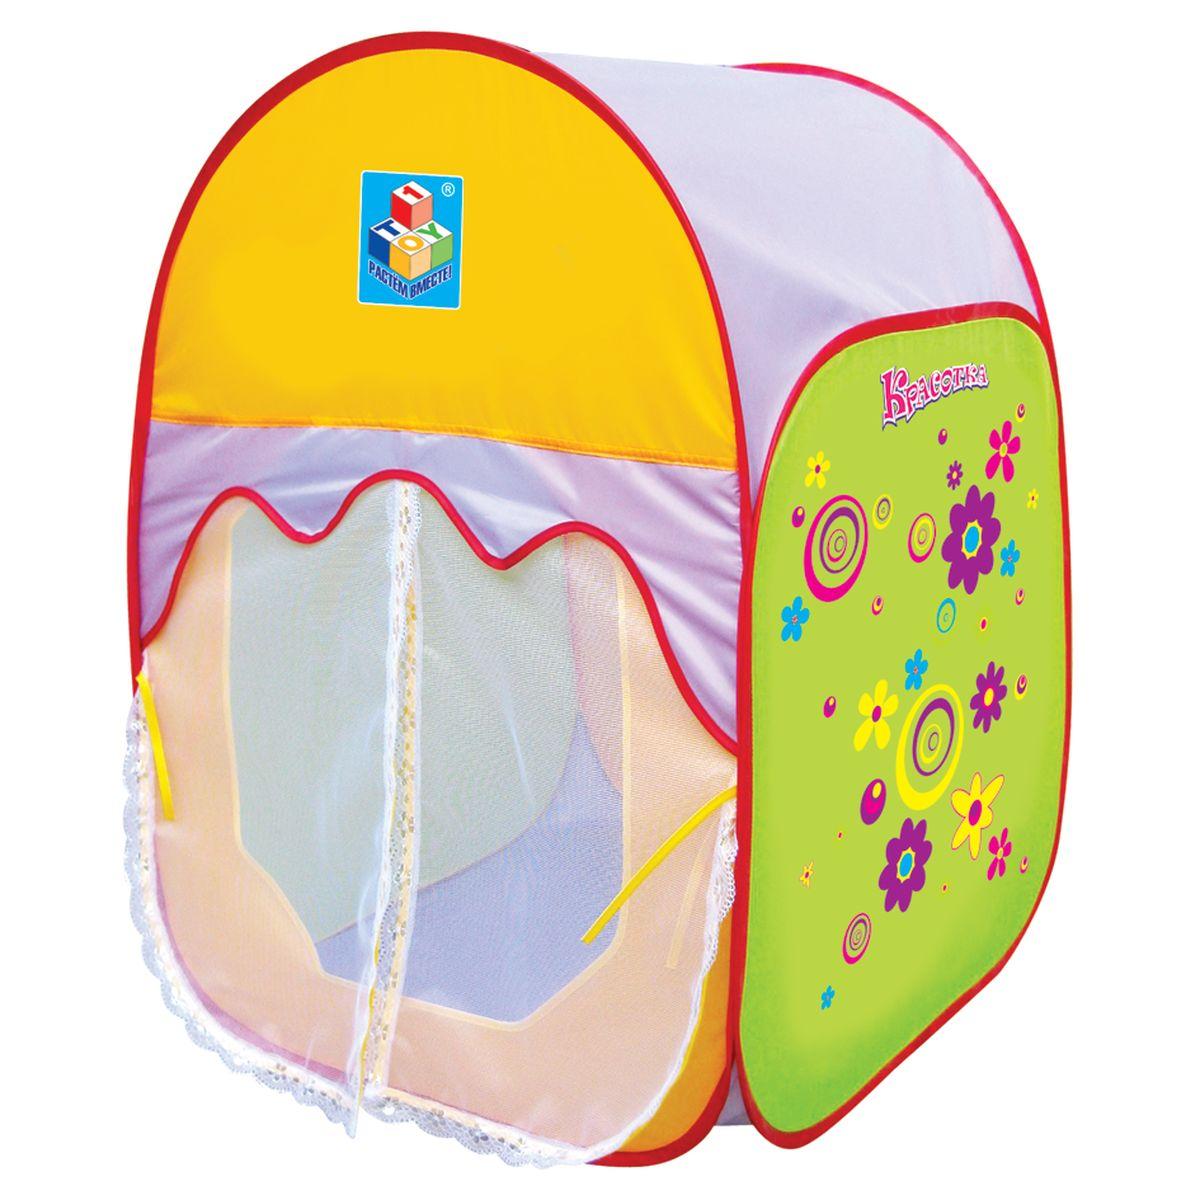 1TOY Детская игровая палатка в сумке Красотка Т52675